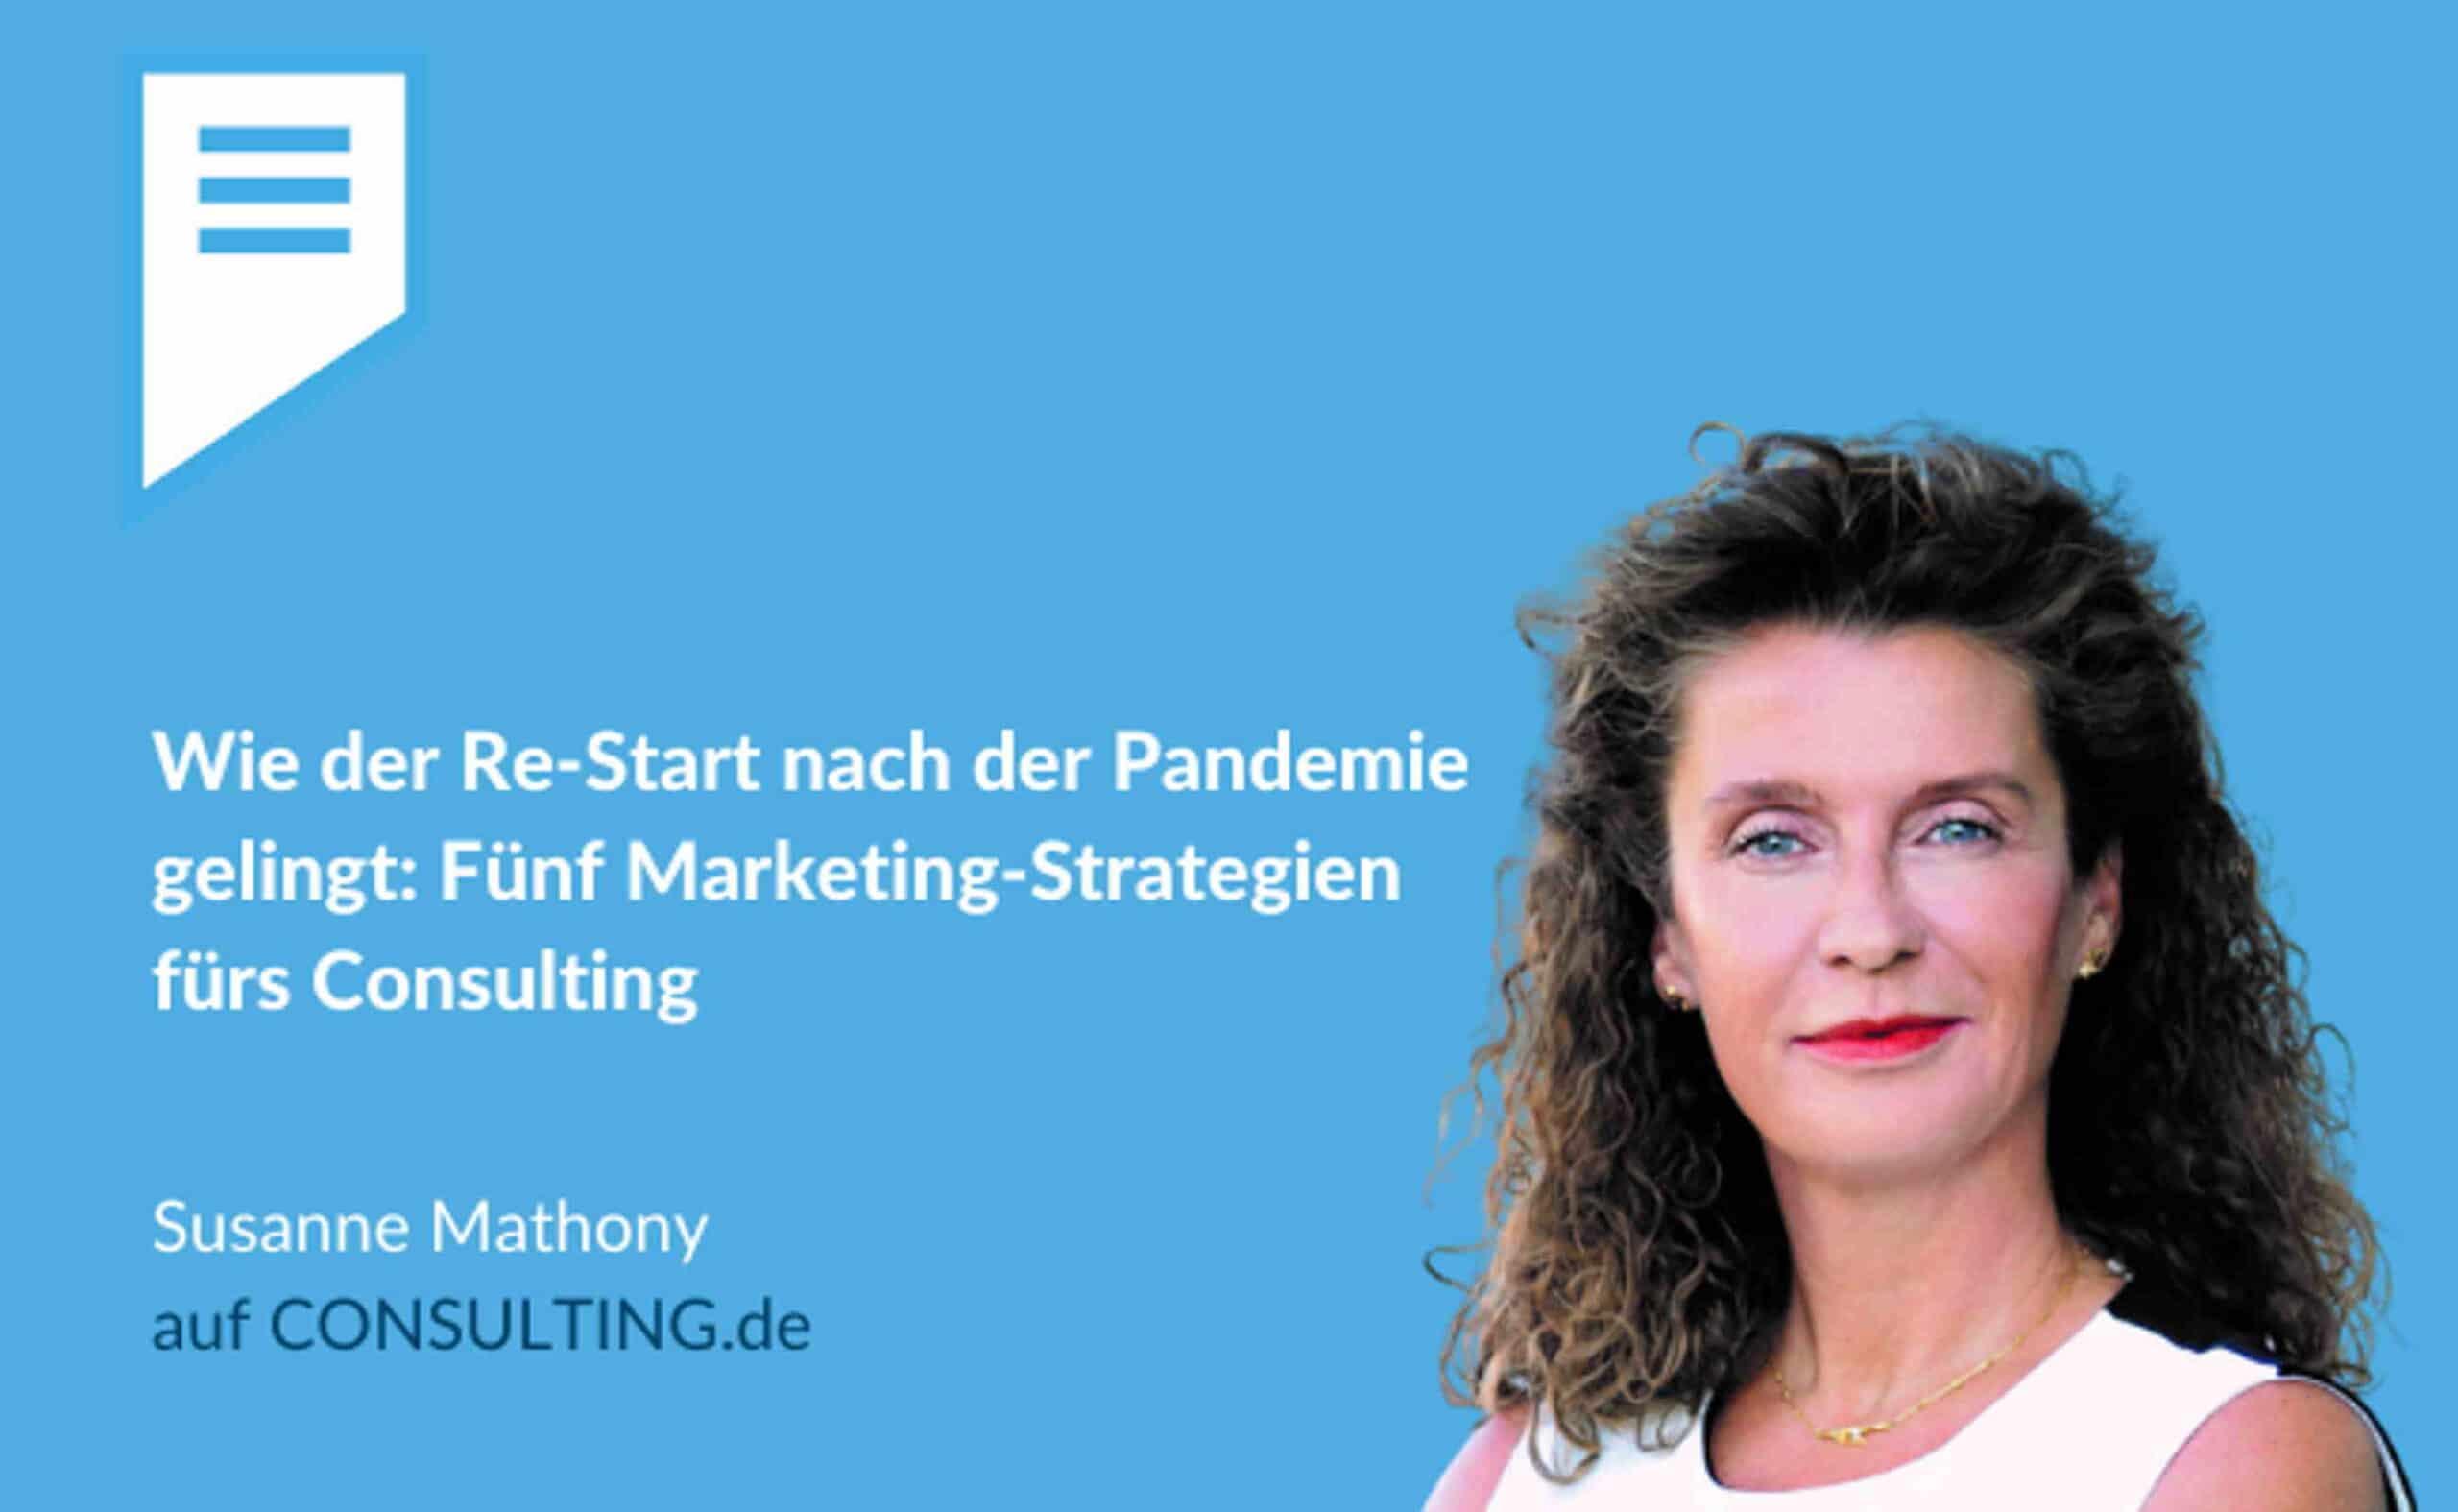 Wie der Re-Start nach der Pandemie gelingt: Fünf Marketing-Strategien fürs Consulting